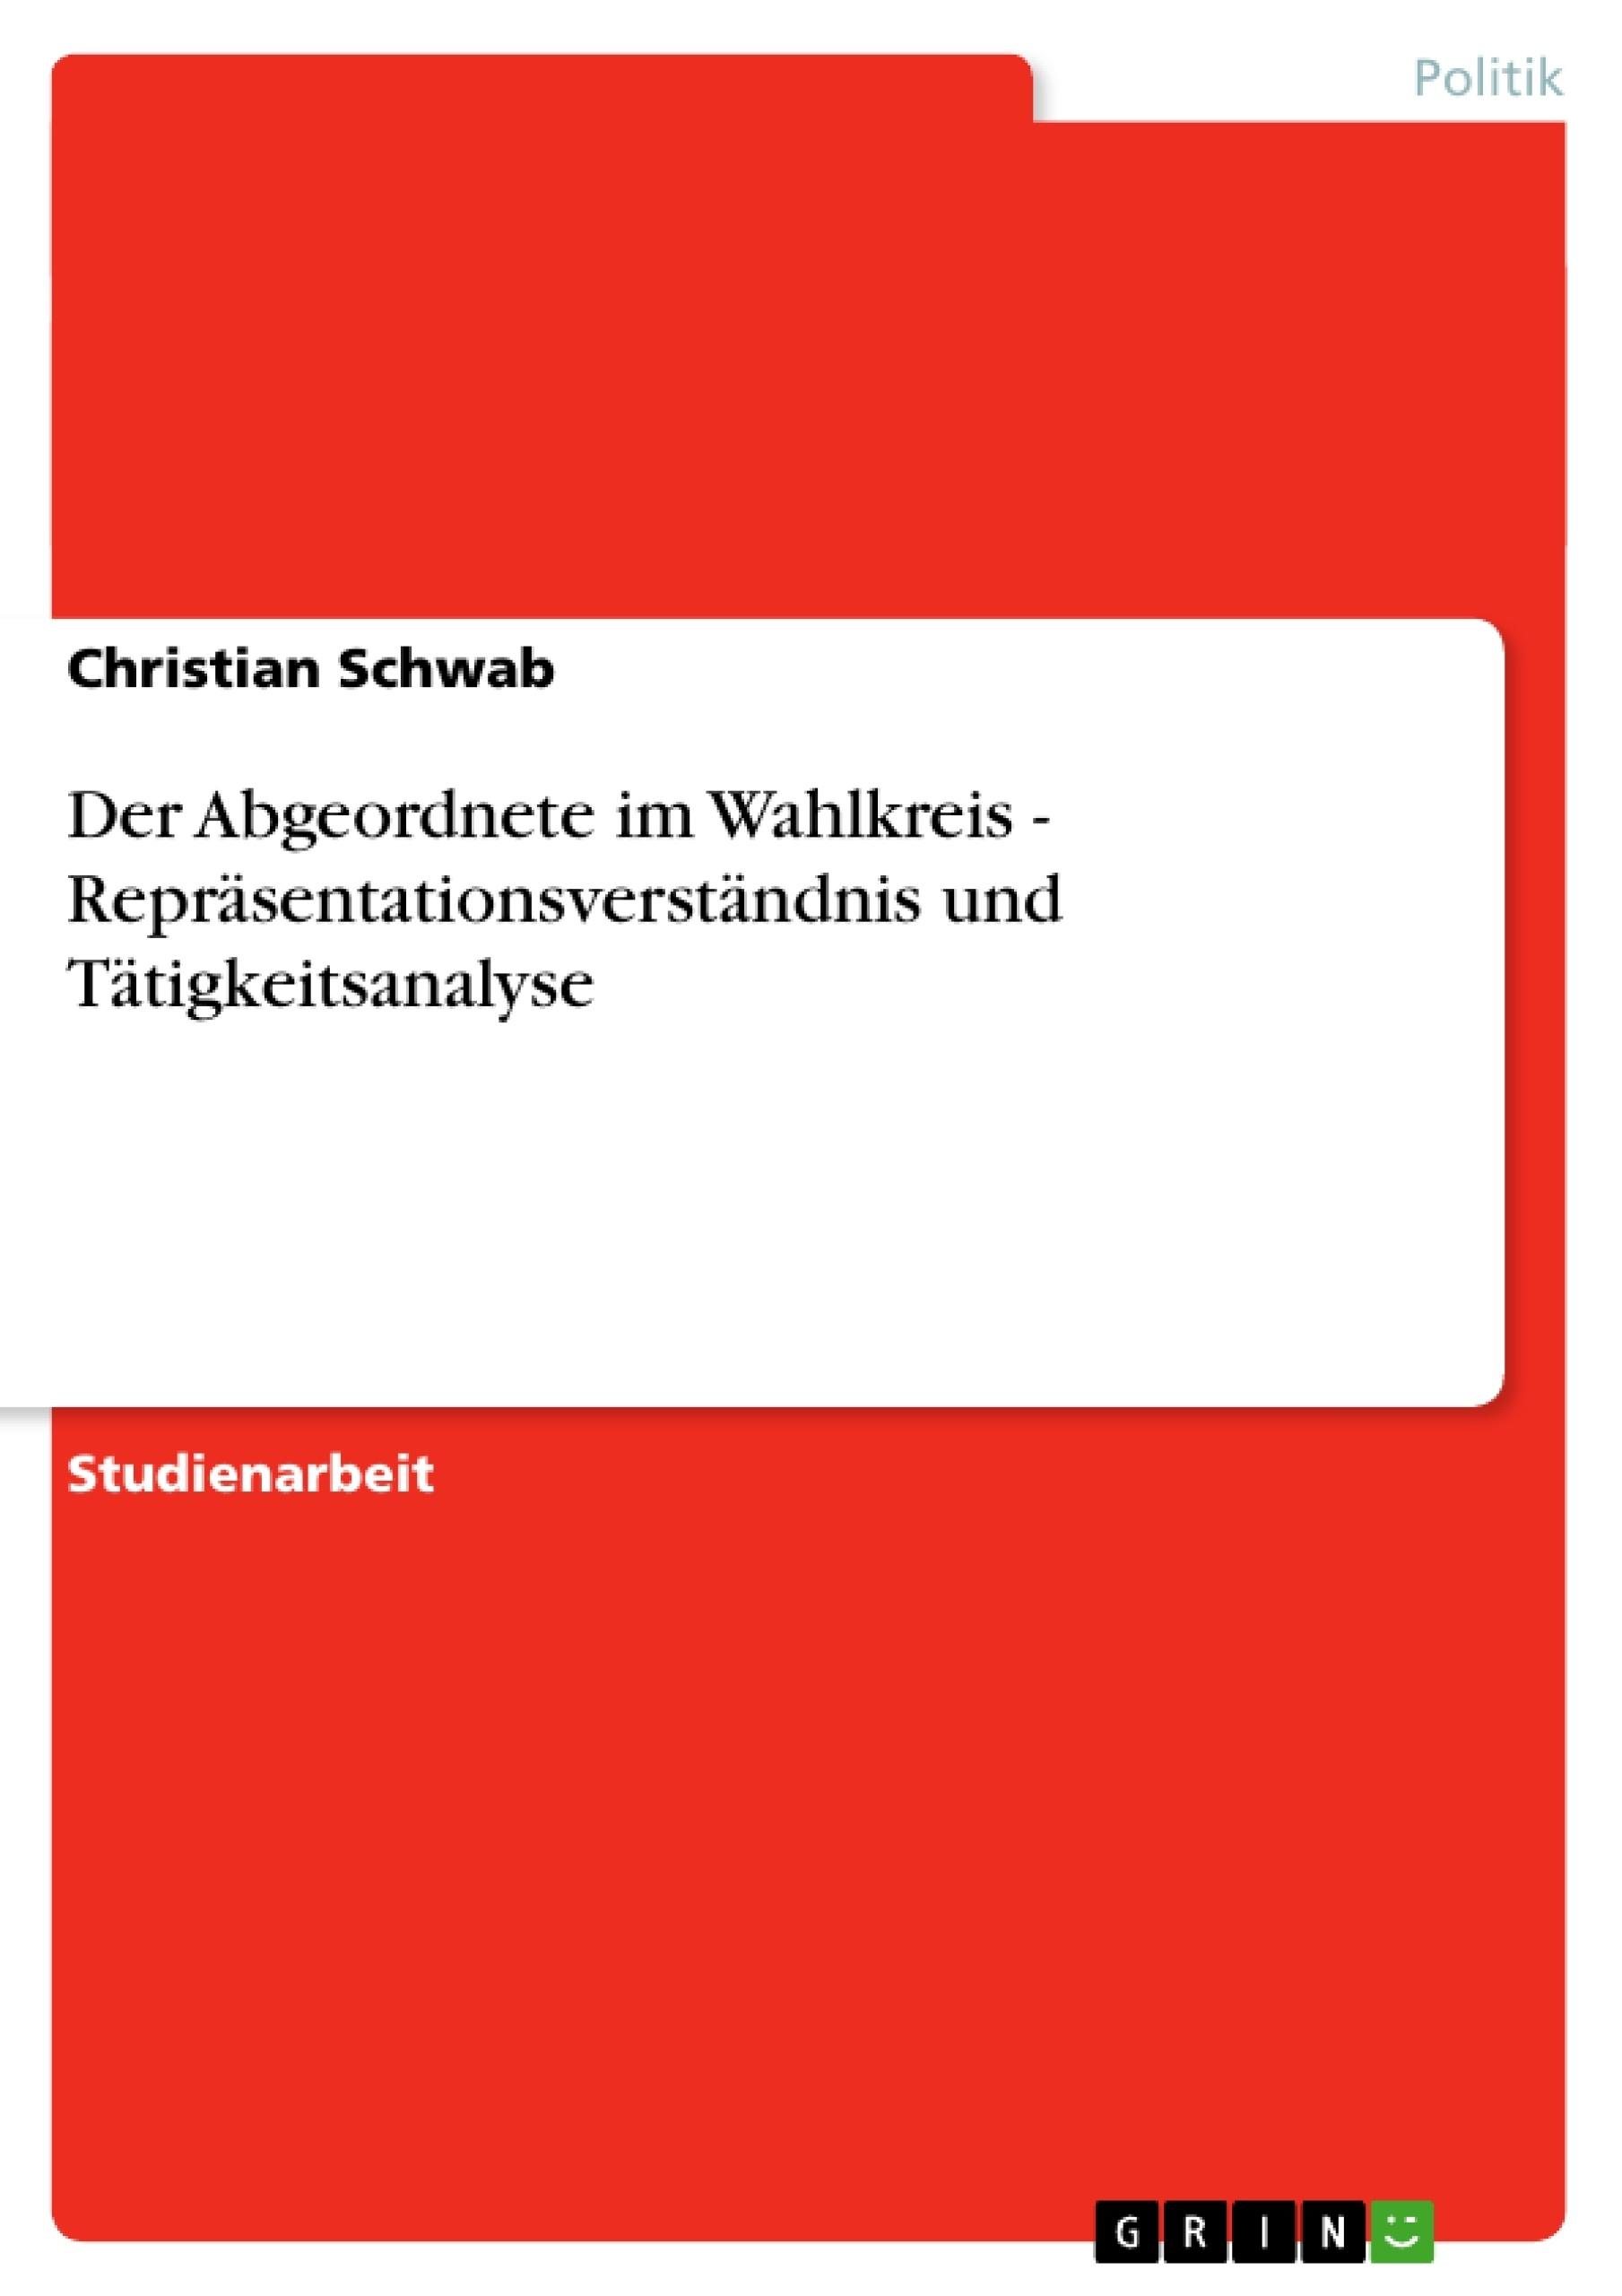 Titel: Der Abgeordnete im Wahlkreis - Repräsentationsverständnis und Tätigkeitsanalyse